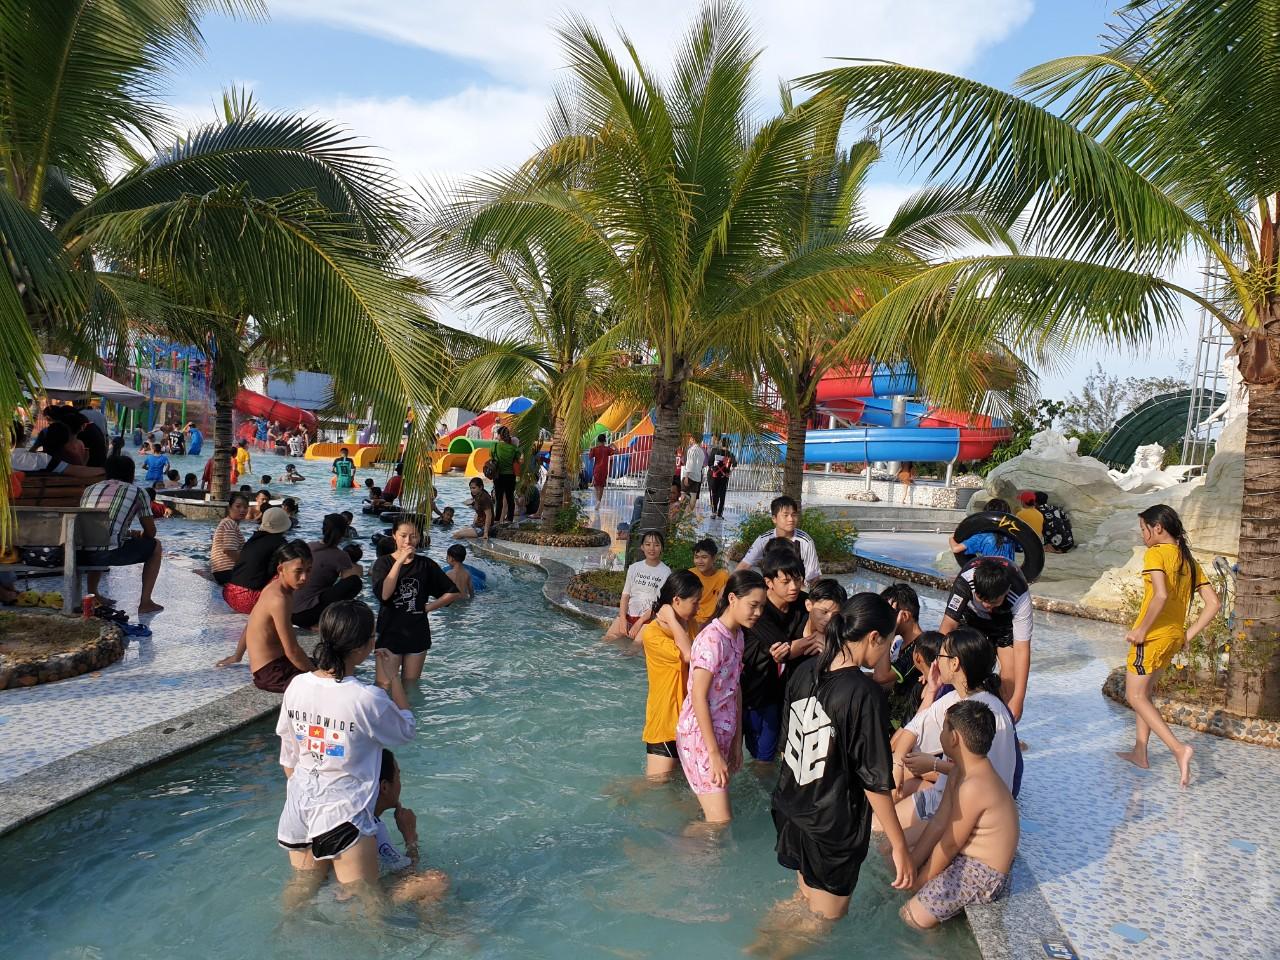 Eco Bangkok Villas Bình Châu: Tiếp nối thành công sự kiện bàn giao Công viên hồ khoáng rộng 12.000m2, CĐT tiếp tục khởi công Dòng suối khoáng Thuỷ Châu - Ảnh 2